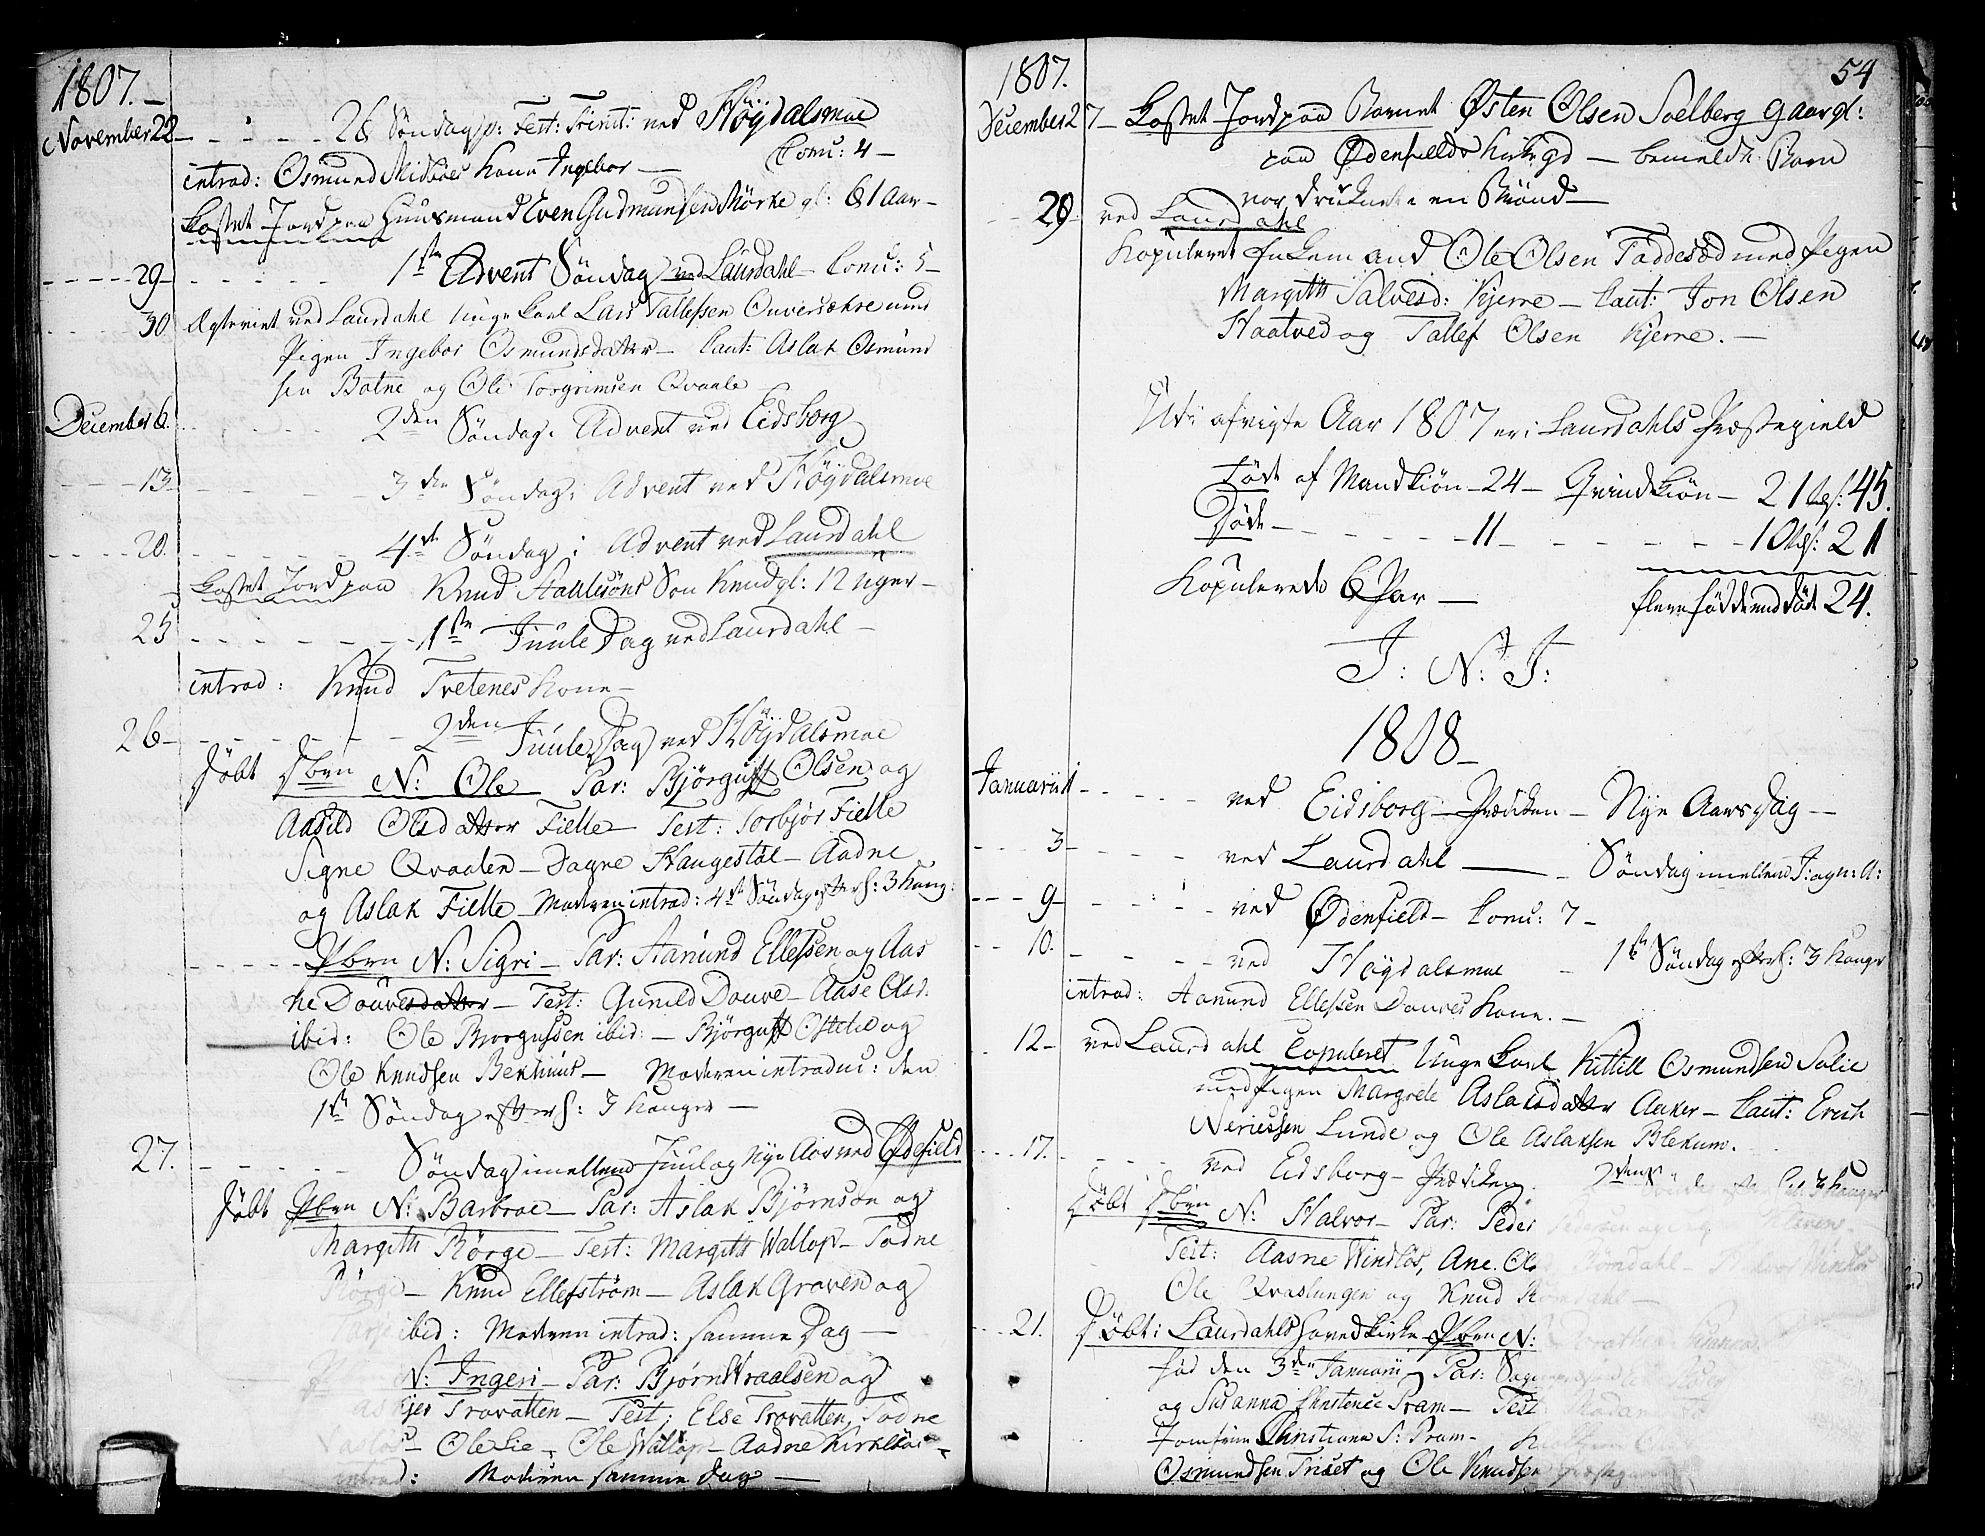 SAKO, Lårdal kirkebøker, F/Fa/L0004: Ministerialbok nr. I 4, 1790-1814, s. 54